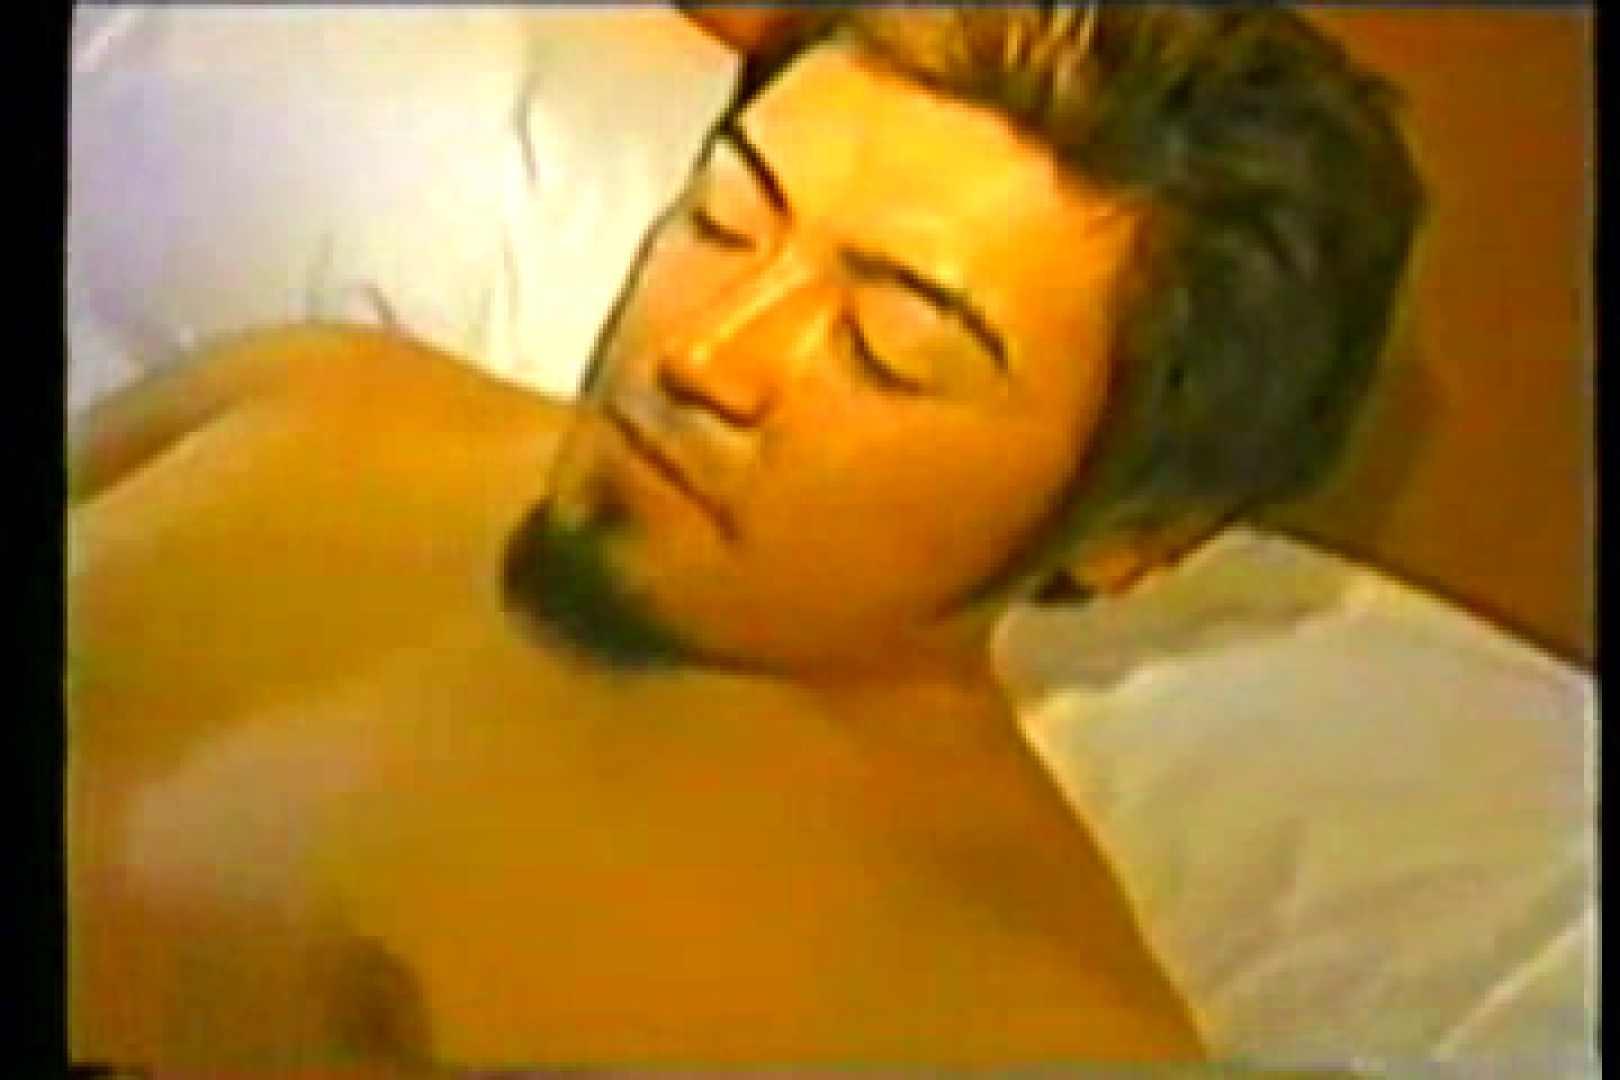 『ノンケ・スポーツマンシップとは・・・! ! 』 第9戦 体育会系 ゲイ無料エロ画像 81枚 77